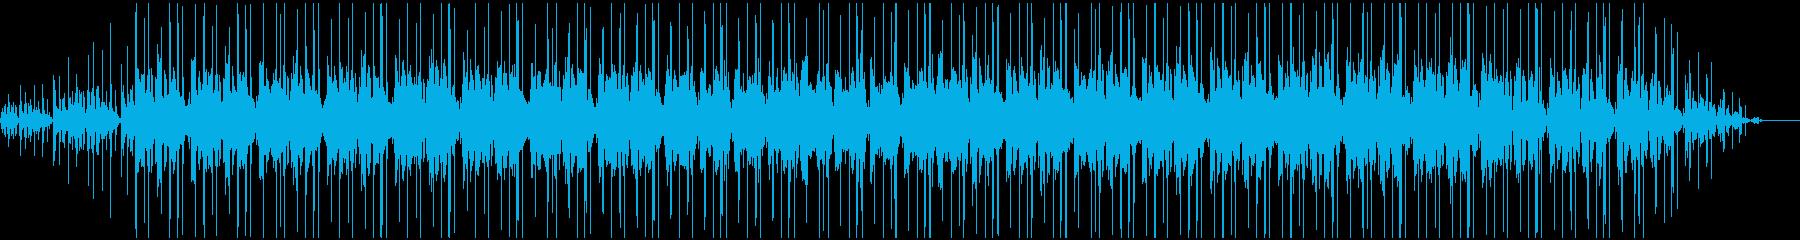 雨の日に聞きたい作業用BGM2の再生済みの波形